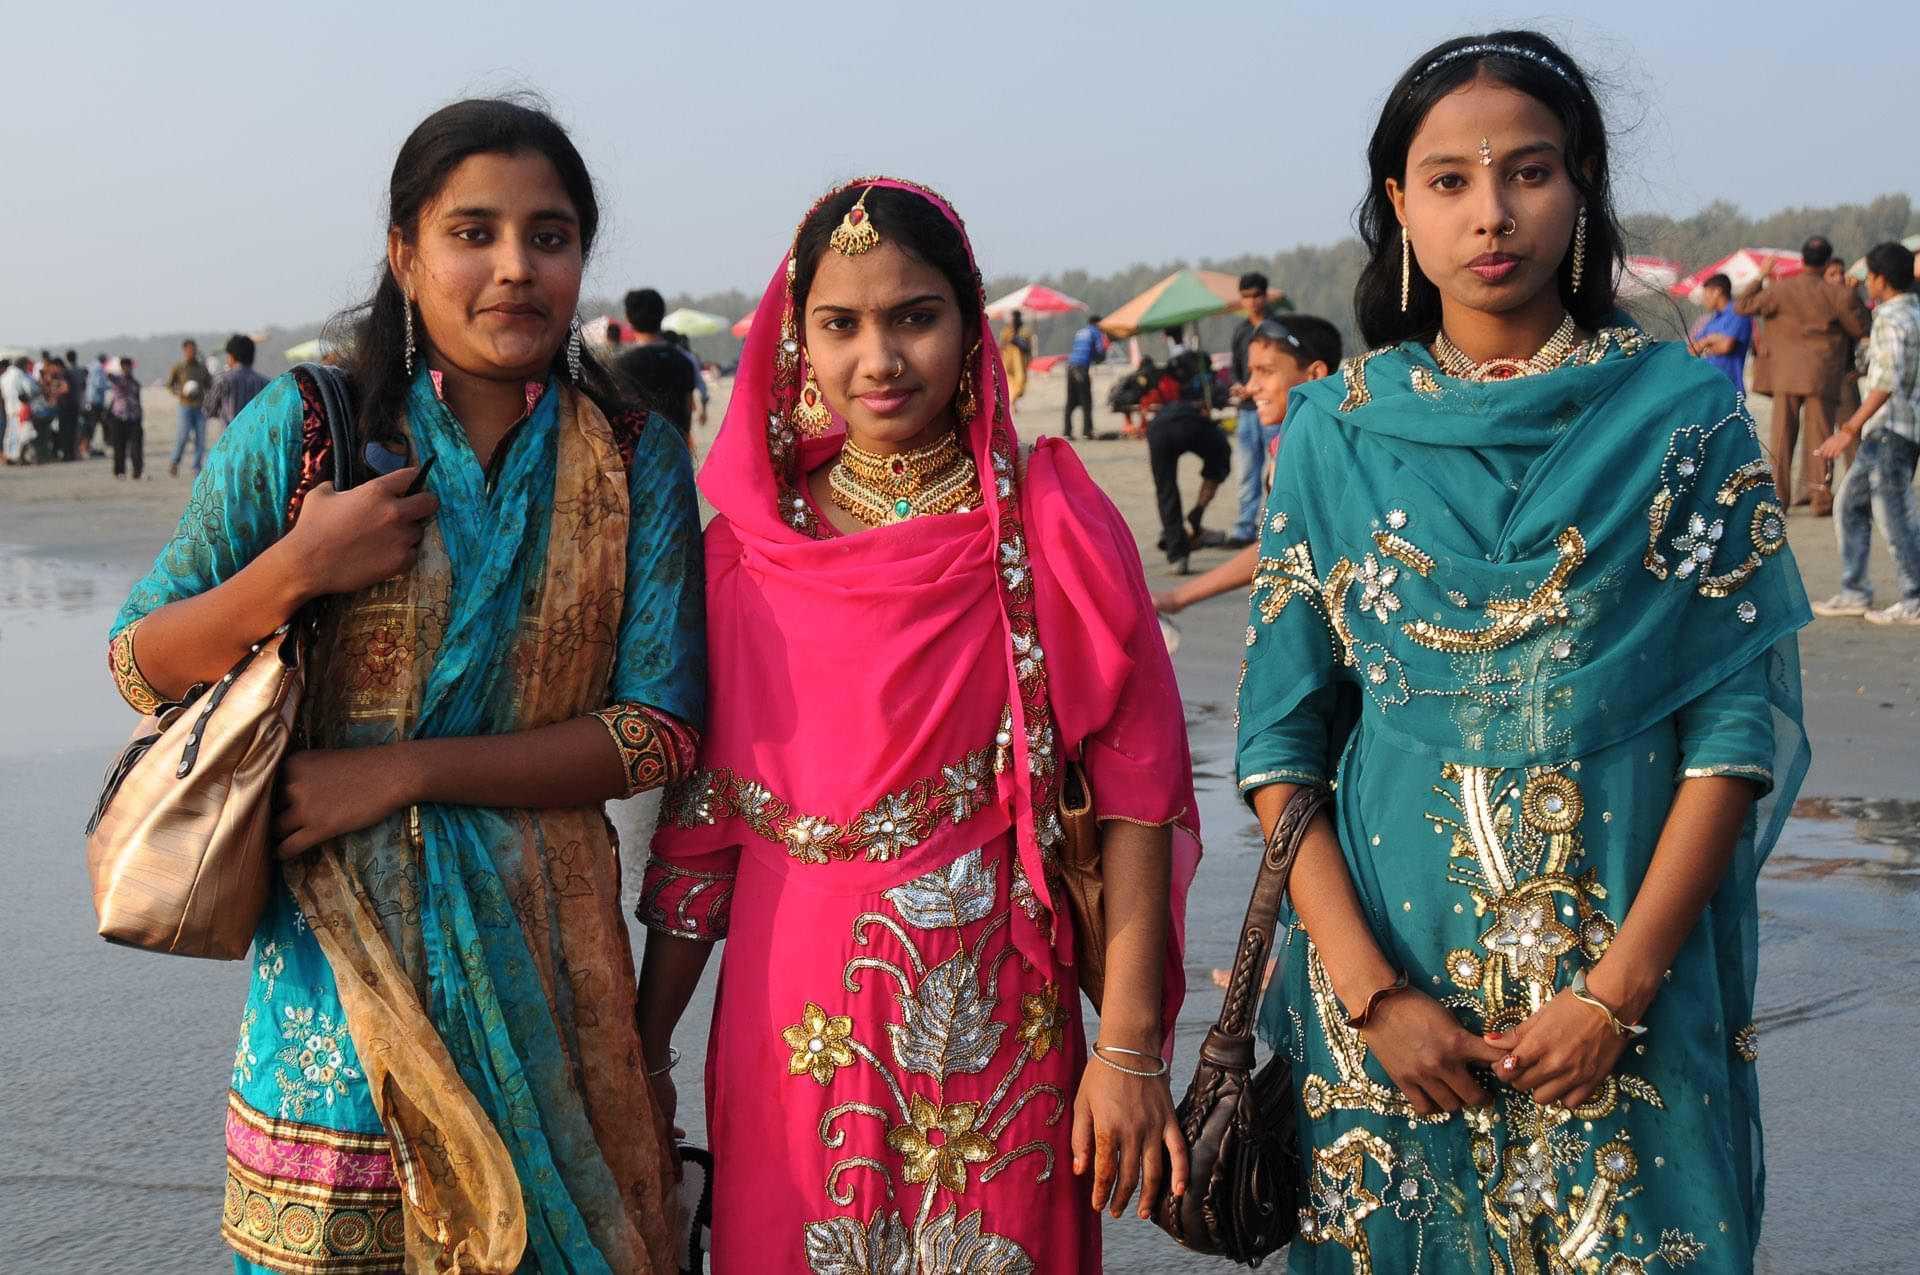 Bangladesch, Bangladesh, Cox´s Bazar, Beach, Strand, Strände, Golf von Bengalen, Reisebericht, www.wo-der-pfeffer-waechst.de, Foto: Heiko Meyer